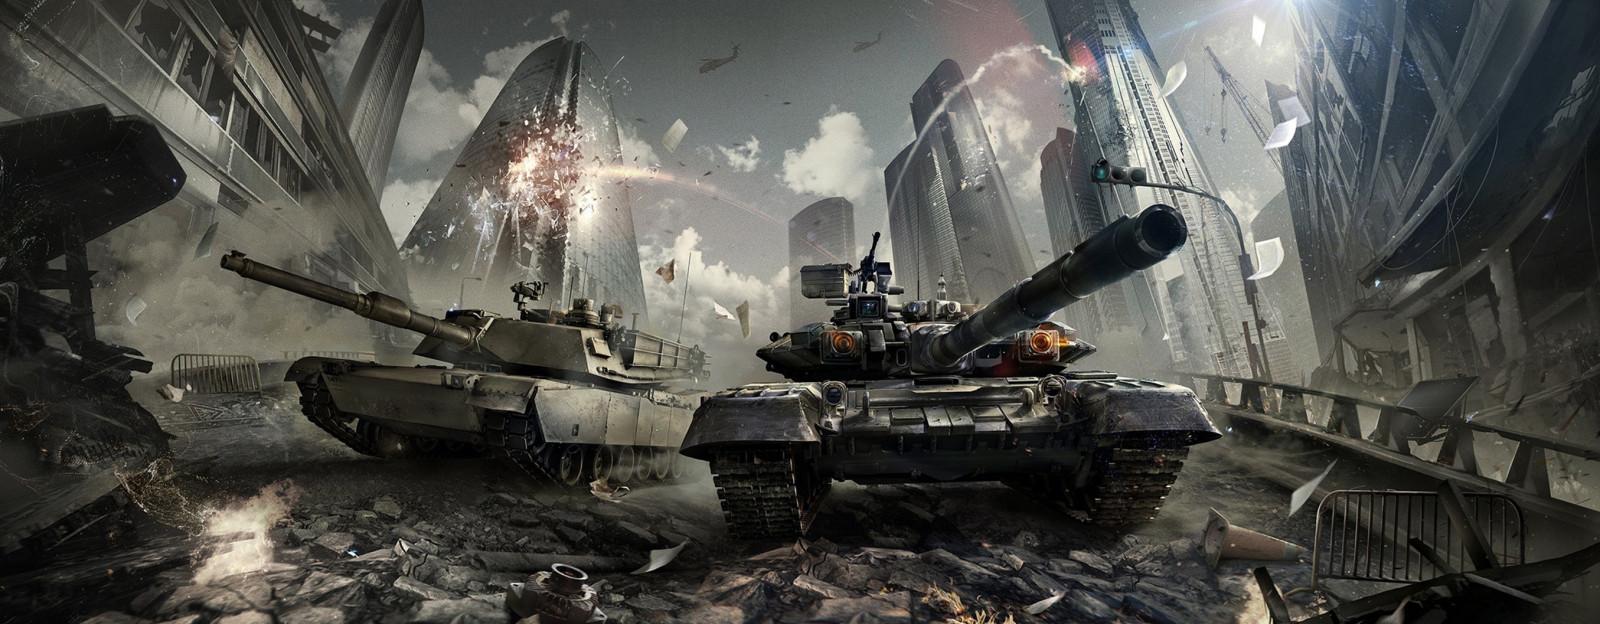 Krig Spile